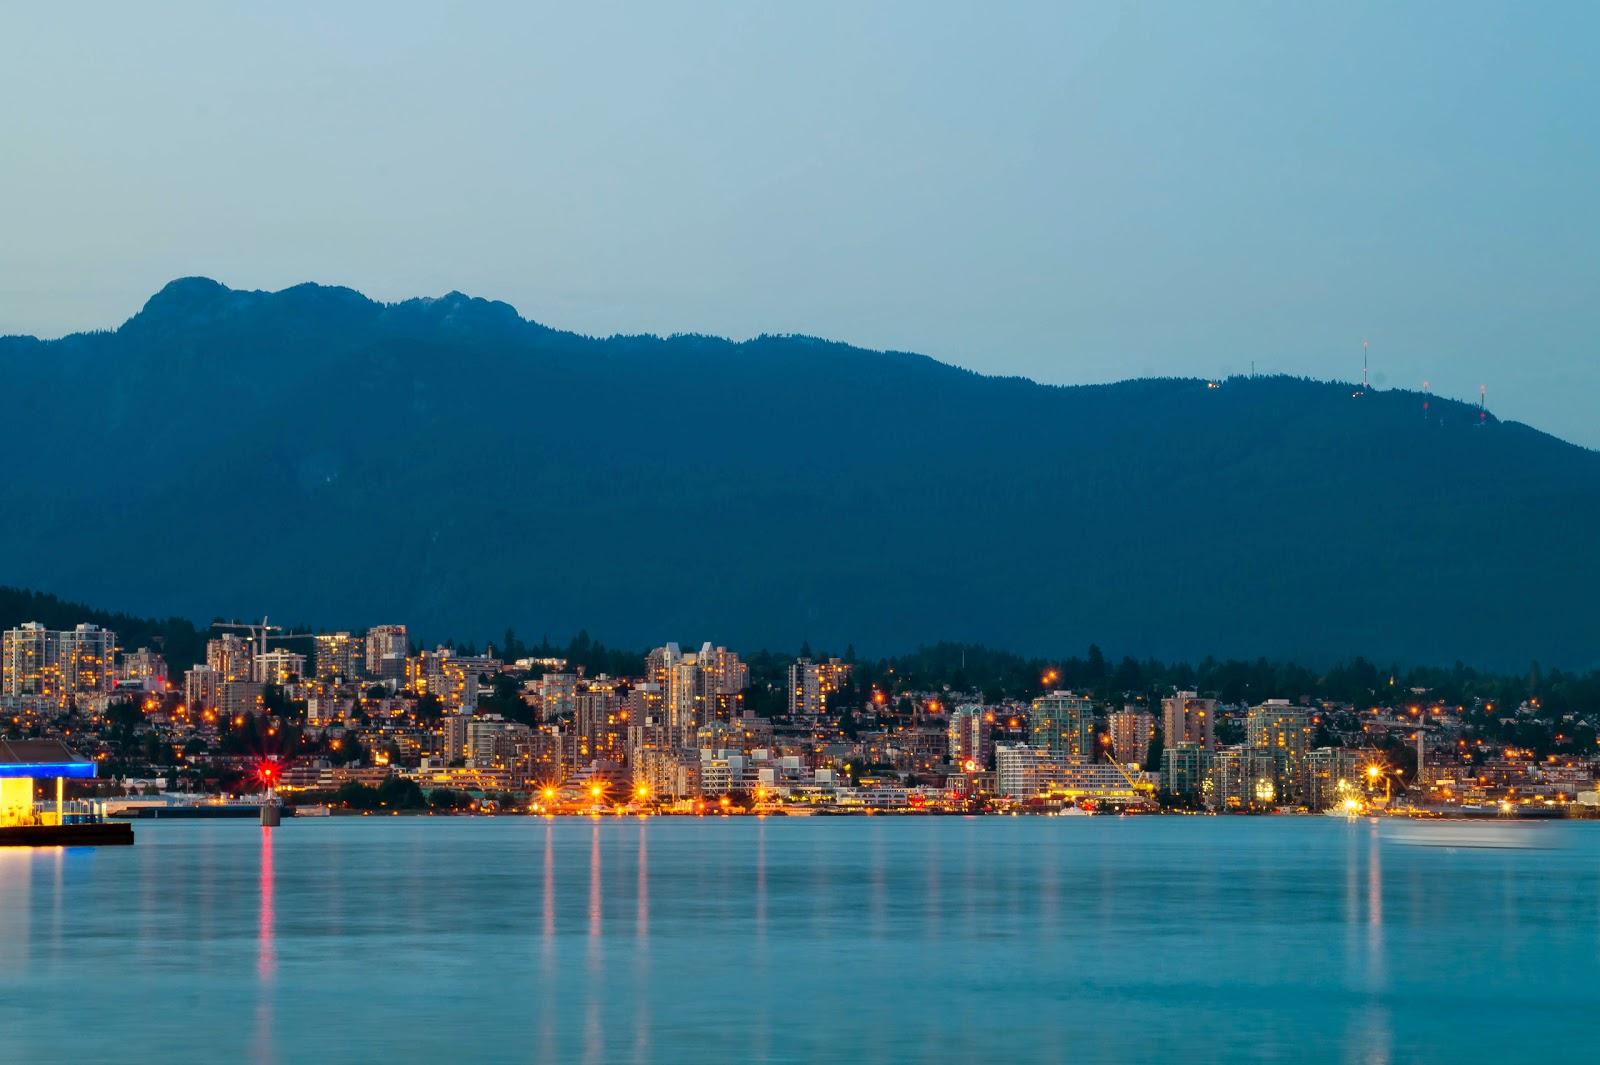 Зажглись огни и в Северном Ванкувере на другой стороне залива.